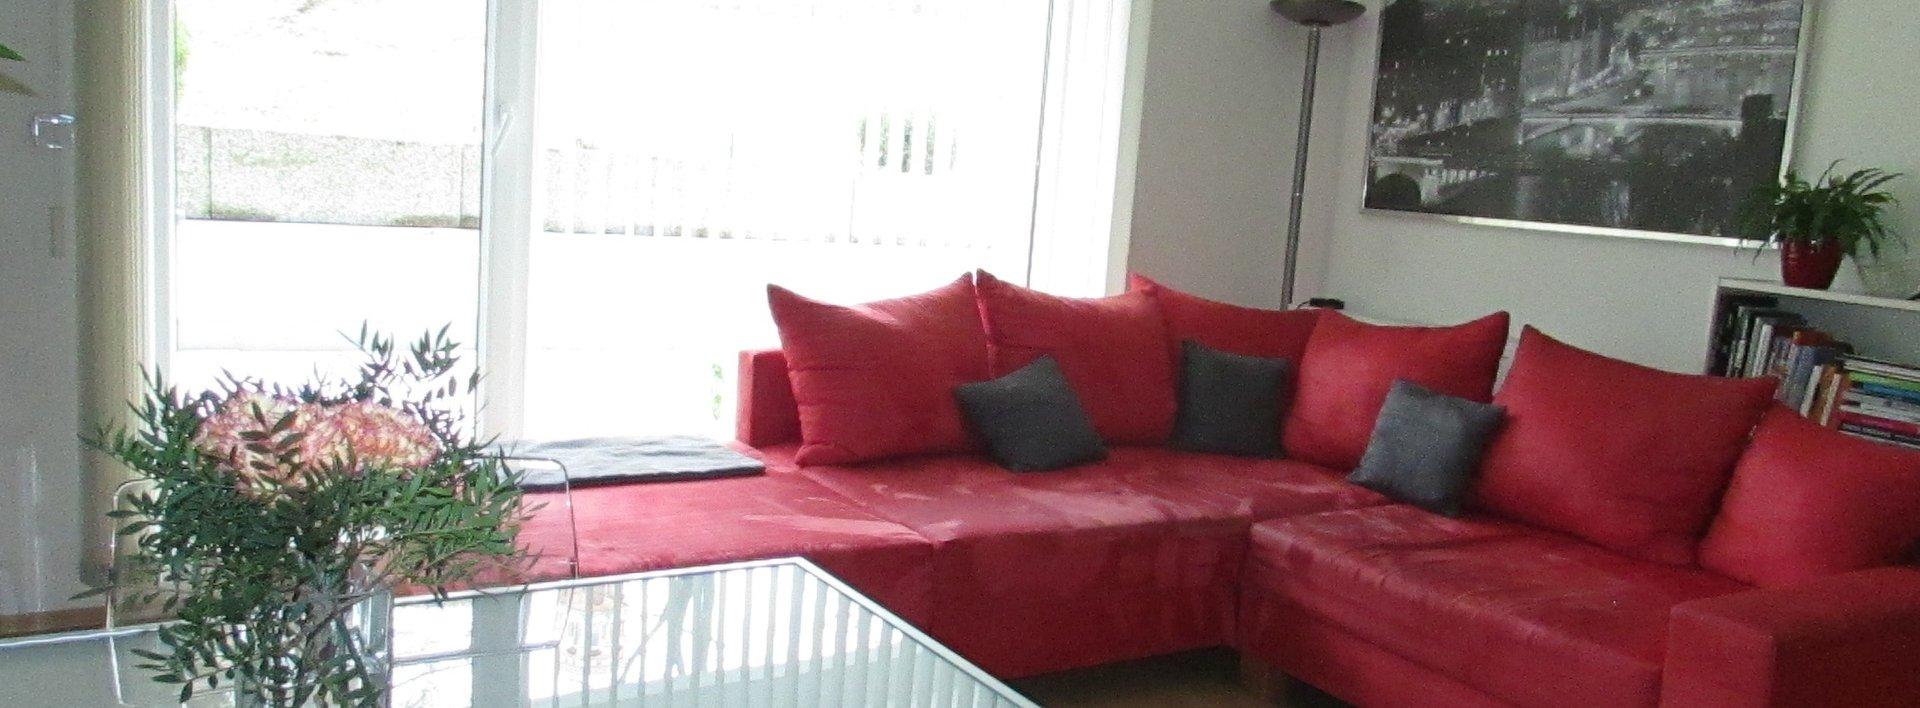 Prodej bytu 2+kk s terasou, 51 m² - Liberec -Perštýn, ul. Svatoplukova, Ev.č.: N47806